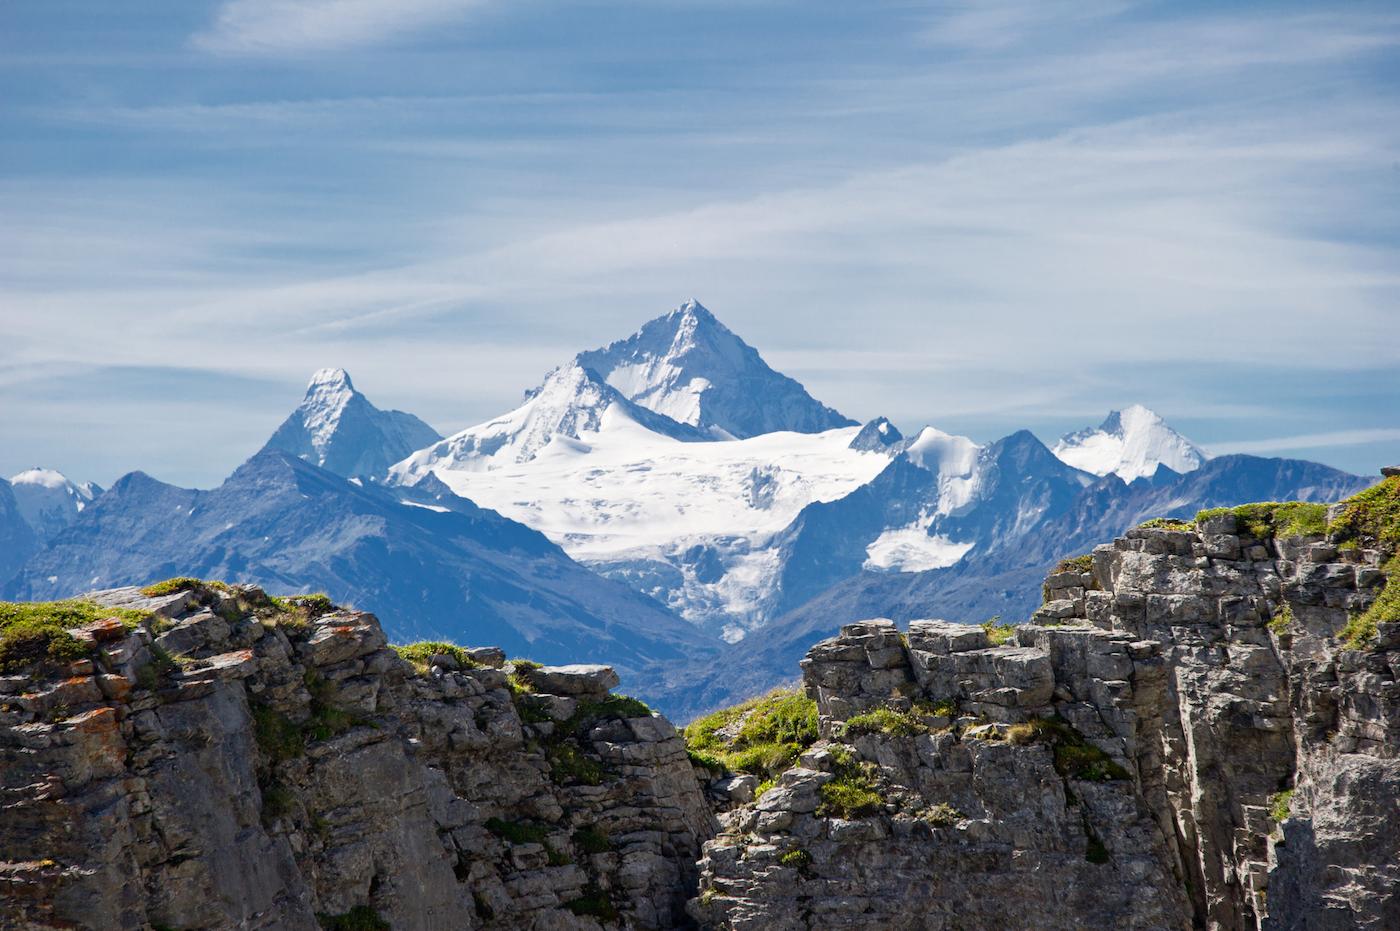 Una suggestiva veduta del Weisshorn (4.505 metri) ripreso dal ghiacciaio della Plaine Morte - foto Crans-Montana Tourisme & Congrès/Olivier Maire